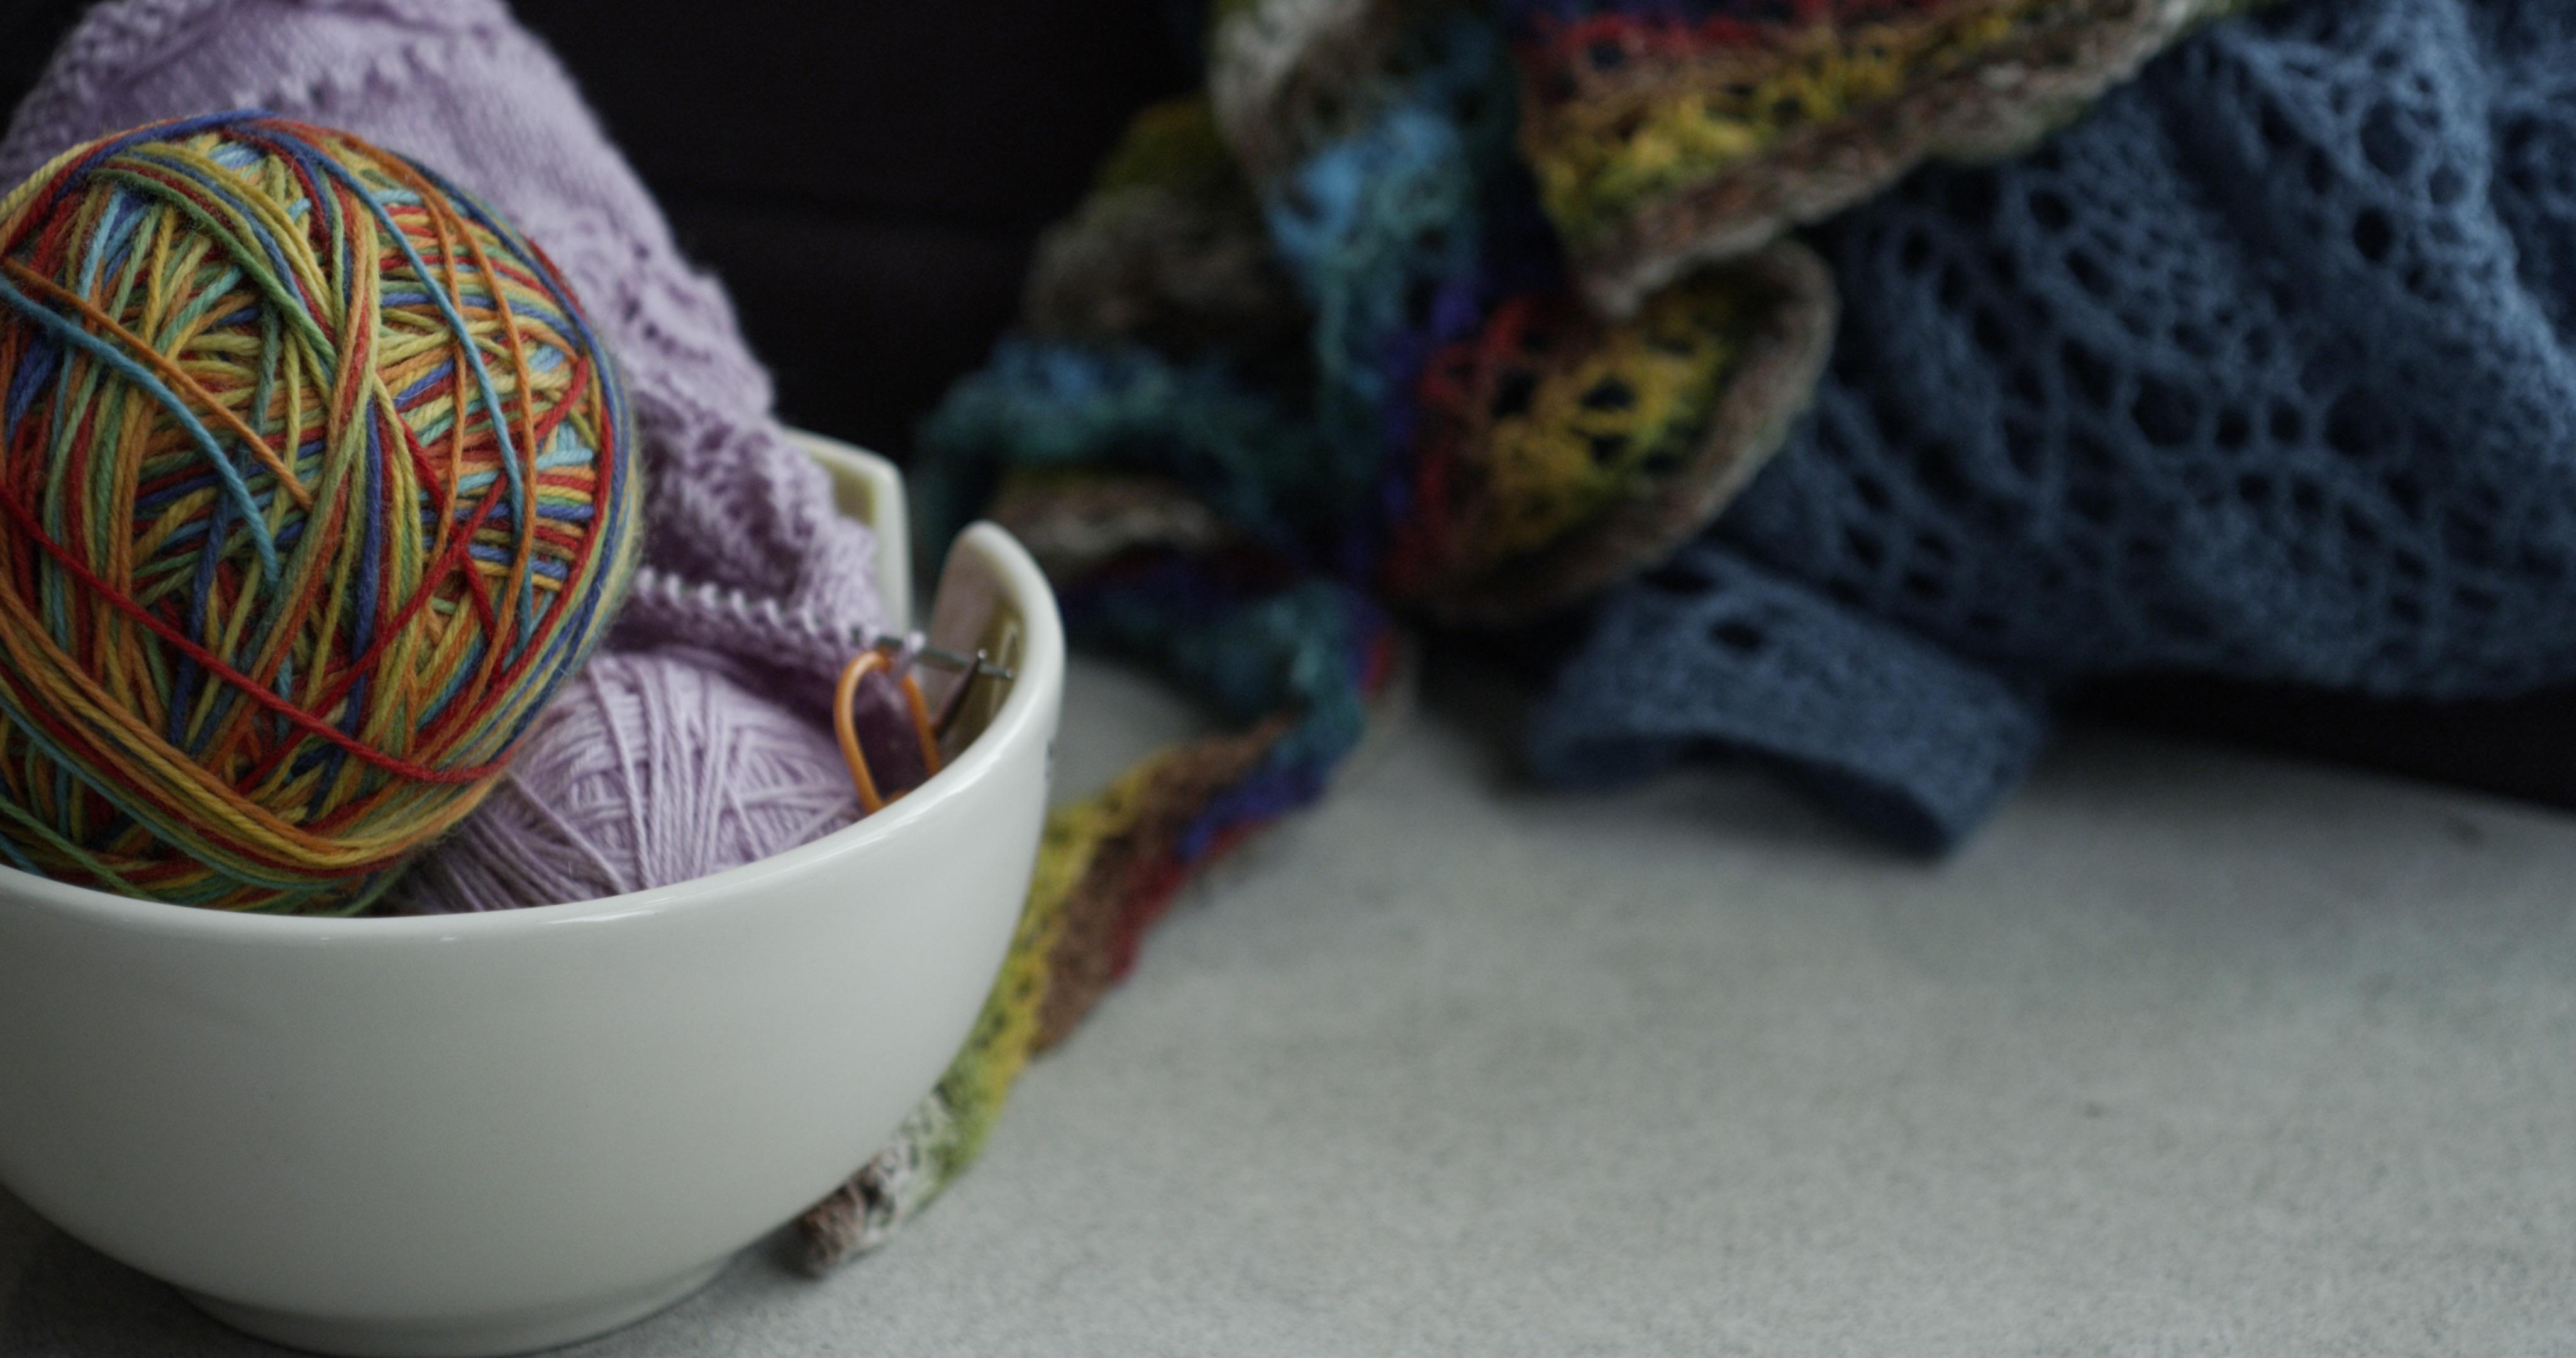 2bb8c6246da4 modèle Couleur fil Matériel fil Crochet tricot pelote de laine textile art